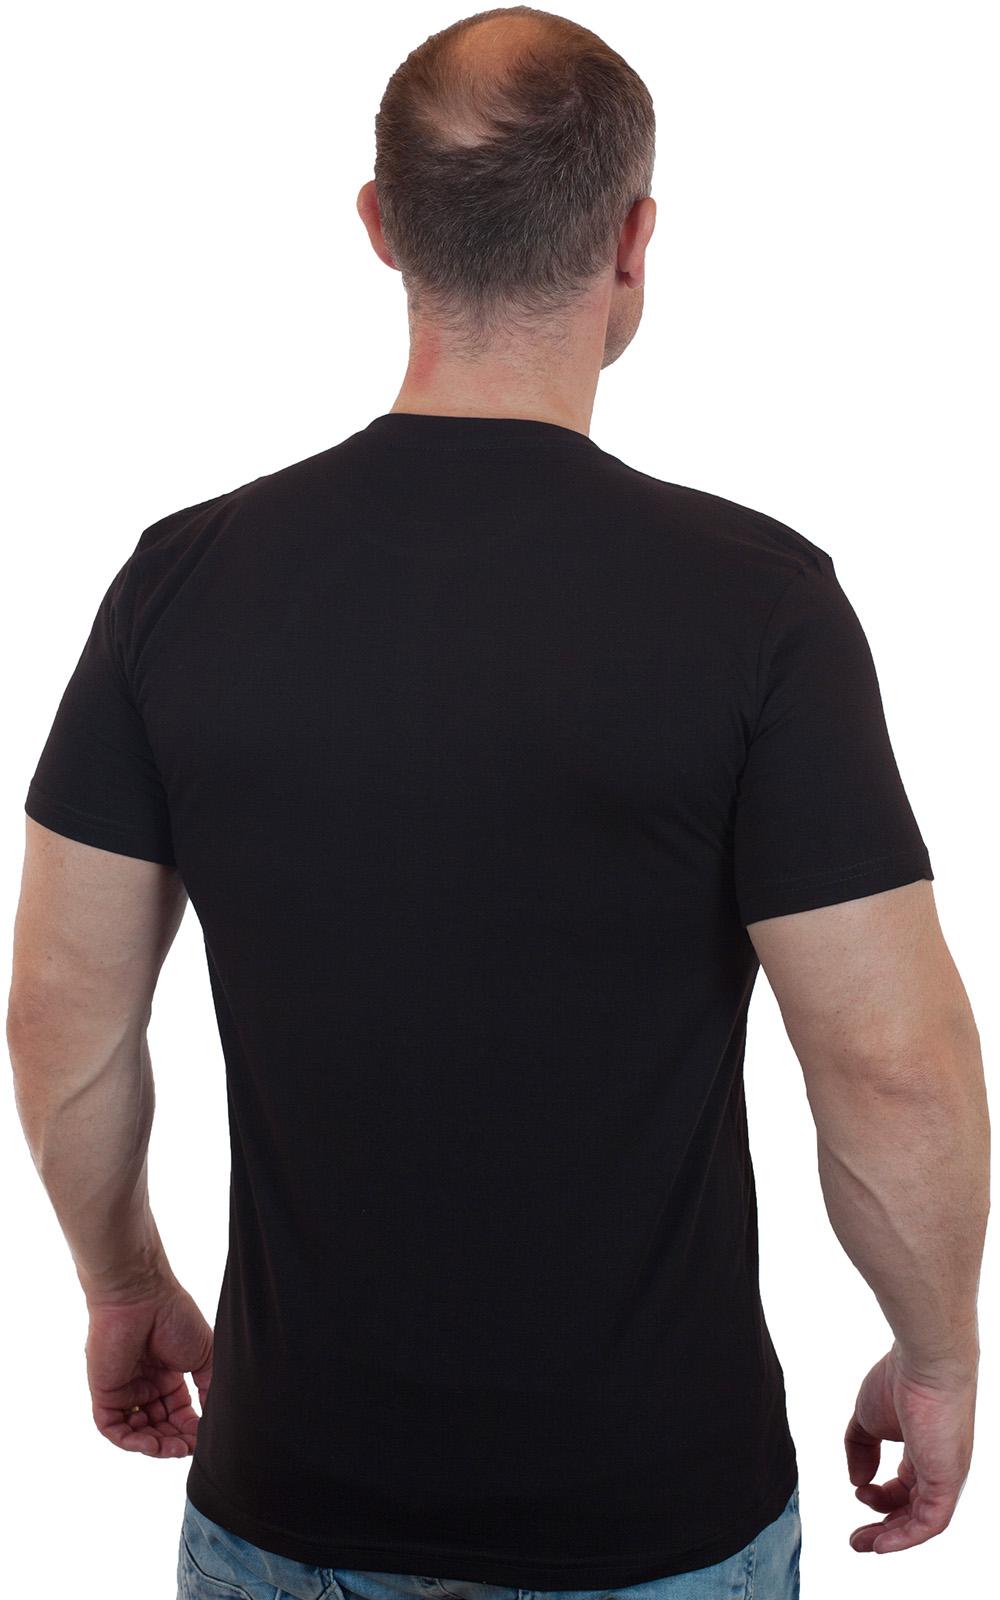 Хлопковая футболка  с вышитым шевроном ОСН Вятич - купить по низкой цене